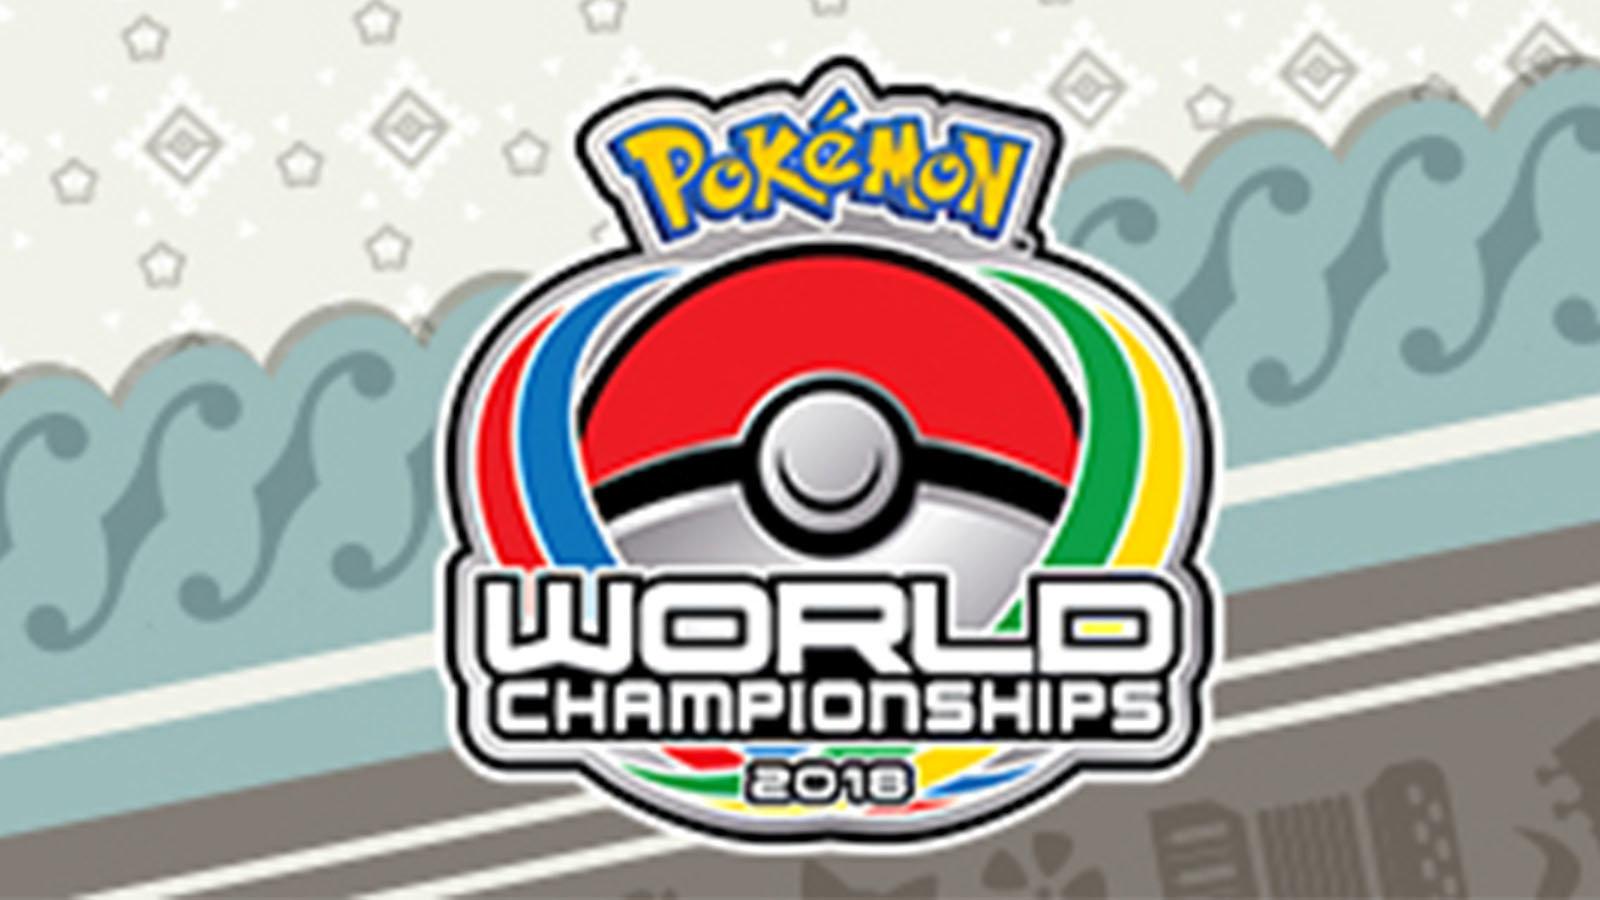 宝可梦世界锦标赛2018各项目冠军名单出炉